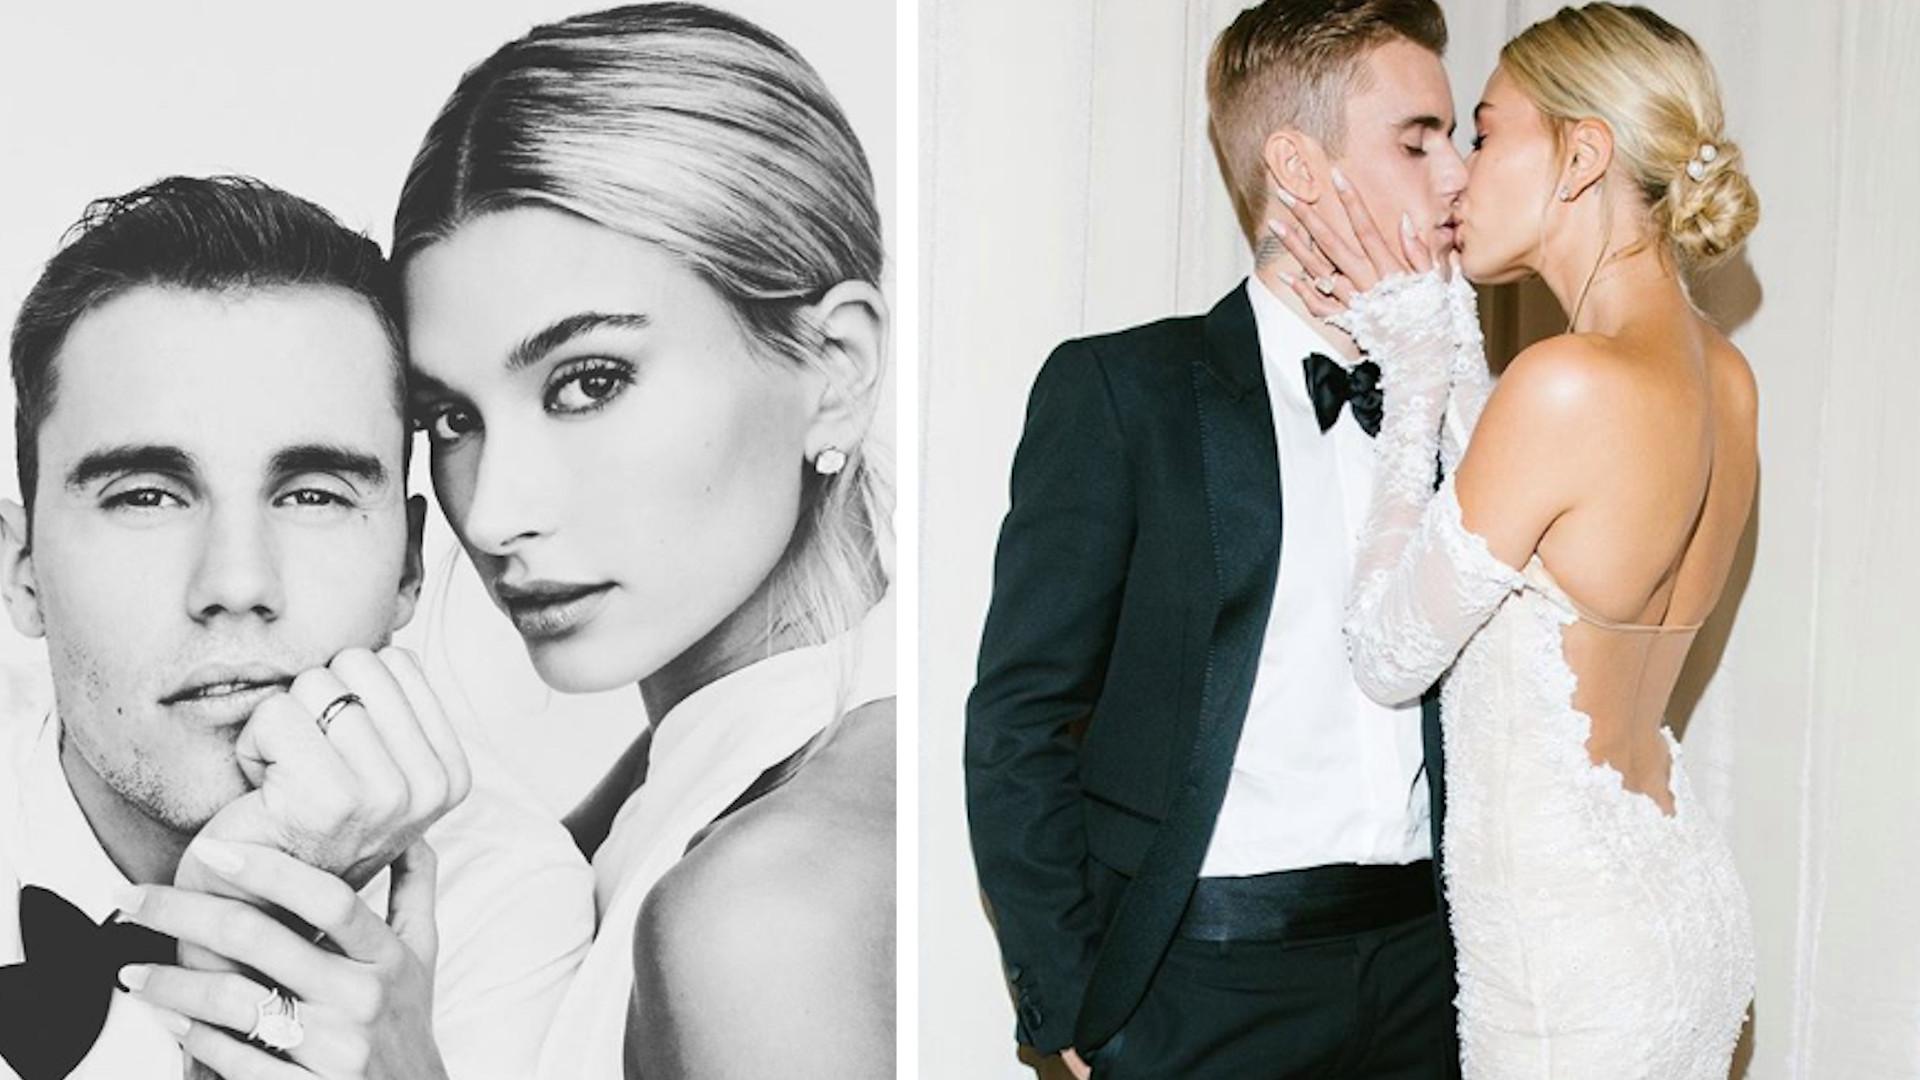 Wyszło na jaw! Justin Bieber w ogóle nie był zaangażowany w planowanie wesela